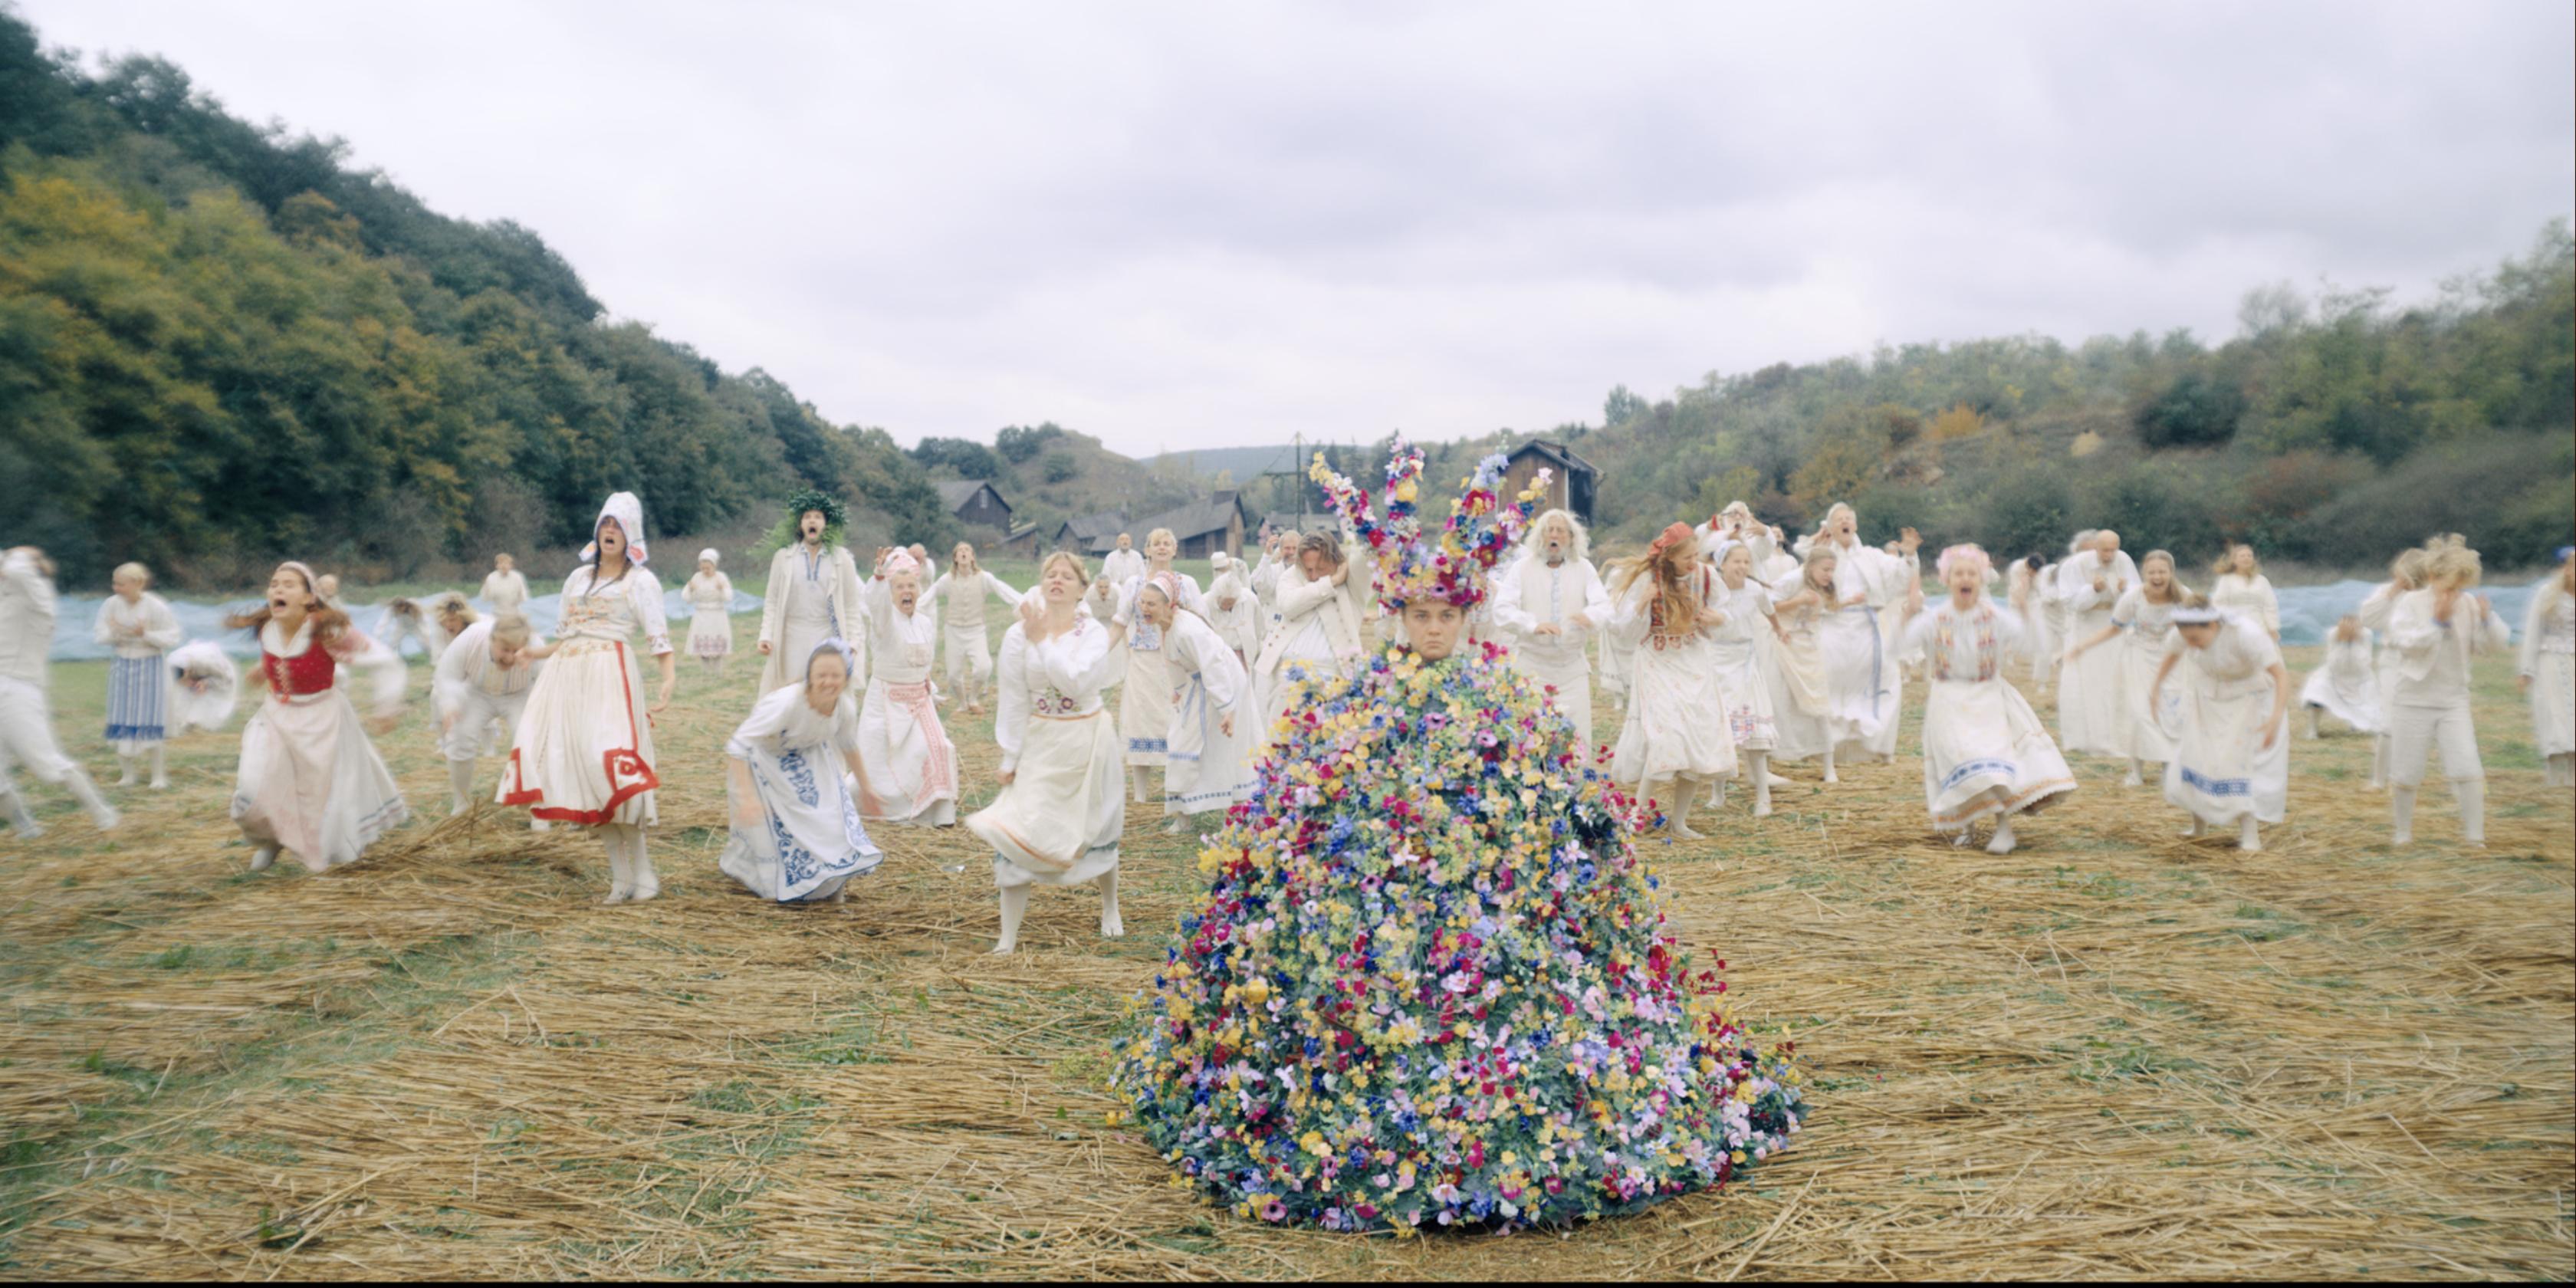 midsommar may queen flower dress